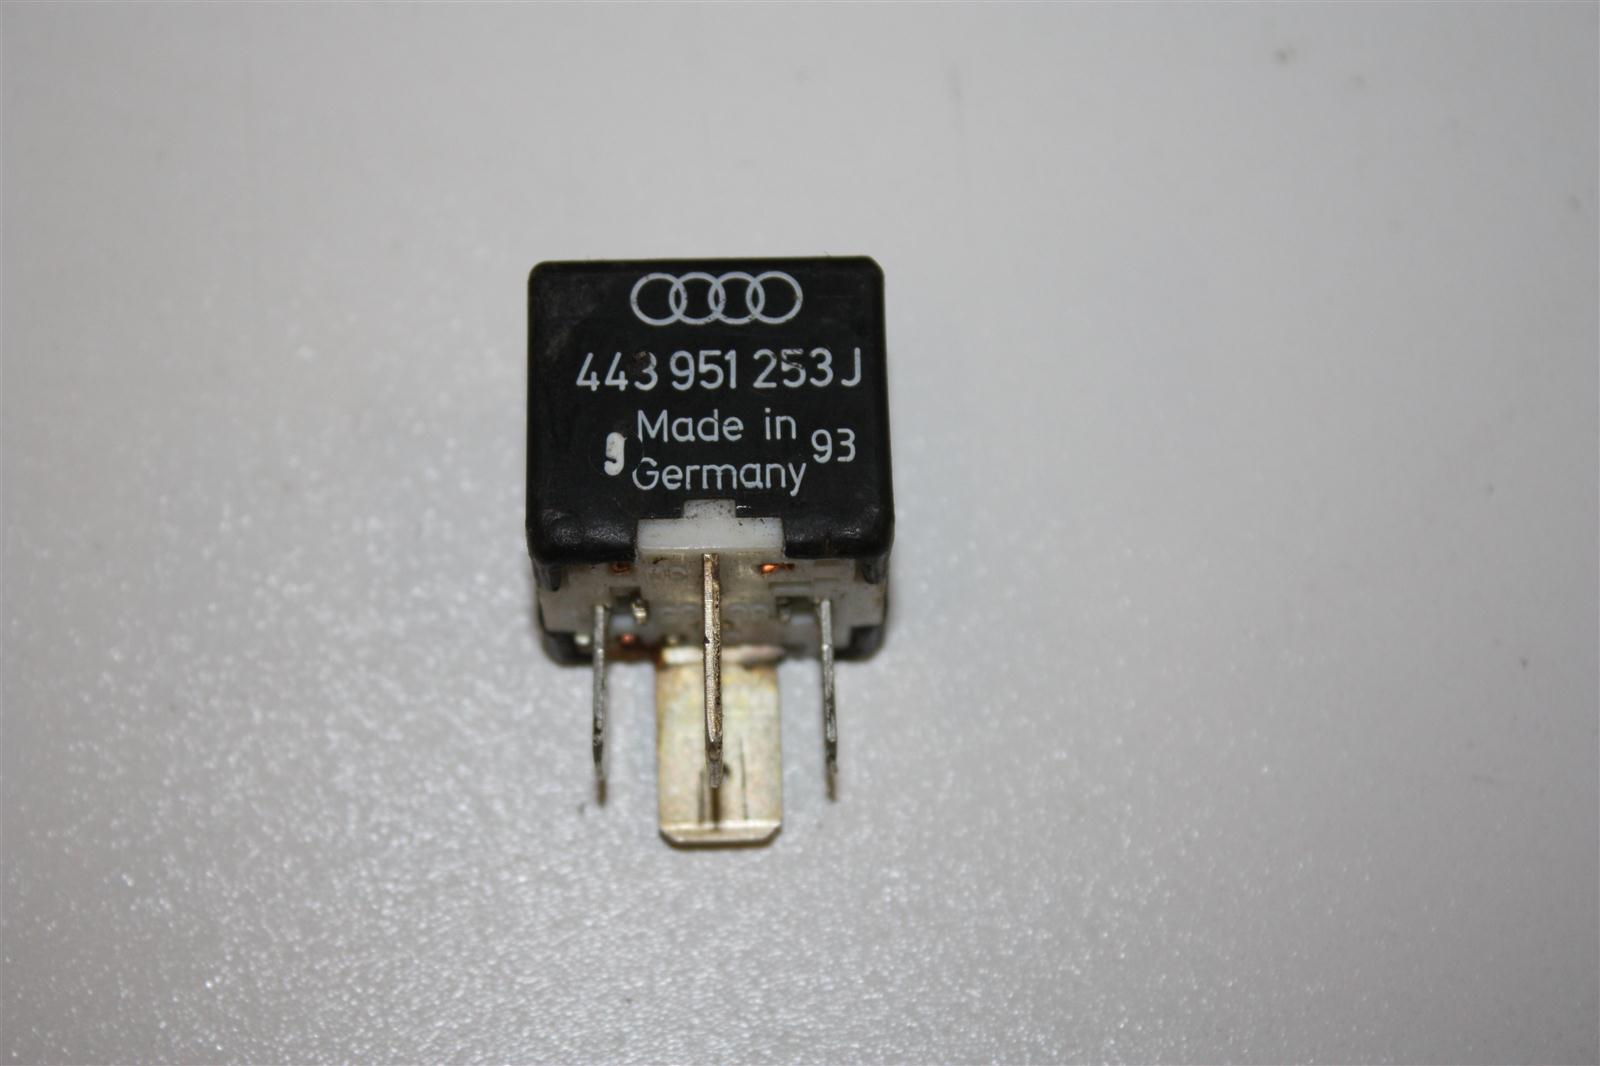 Audi/VW 80/100/A4/A6 Relais 213 443951253J